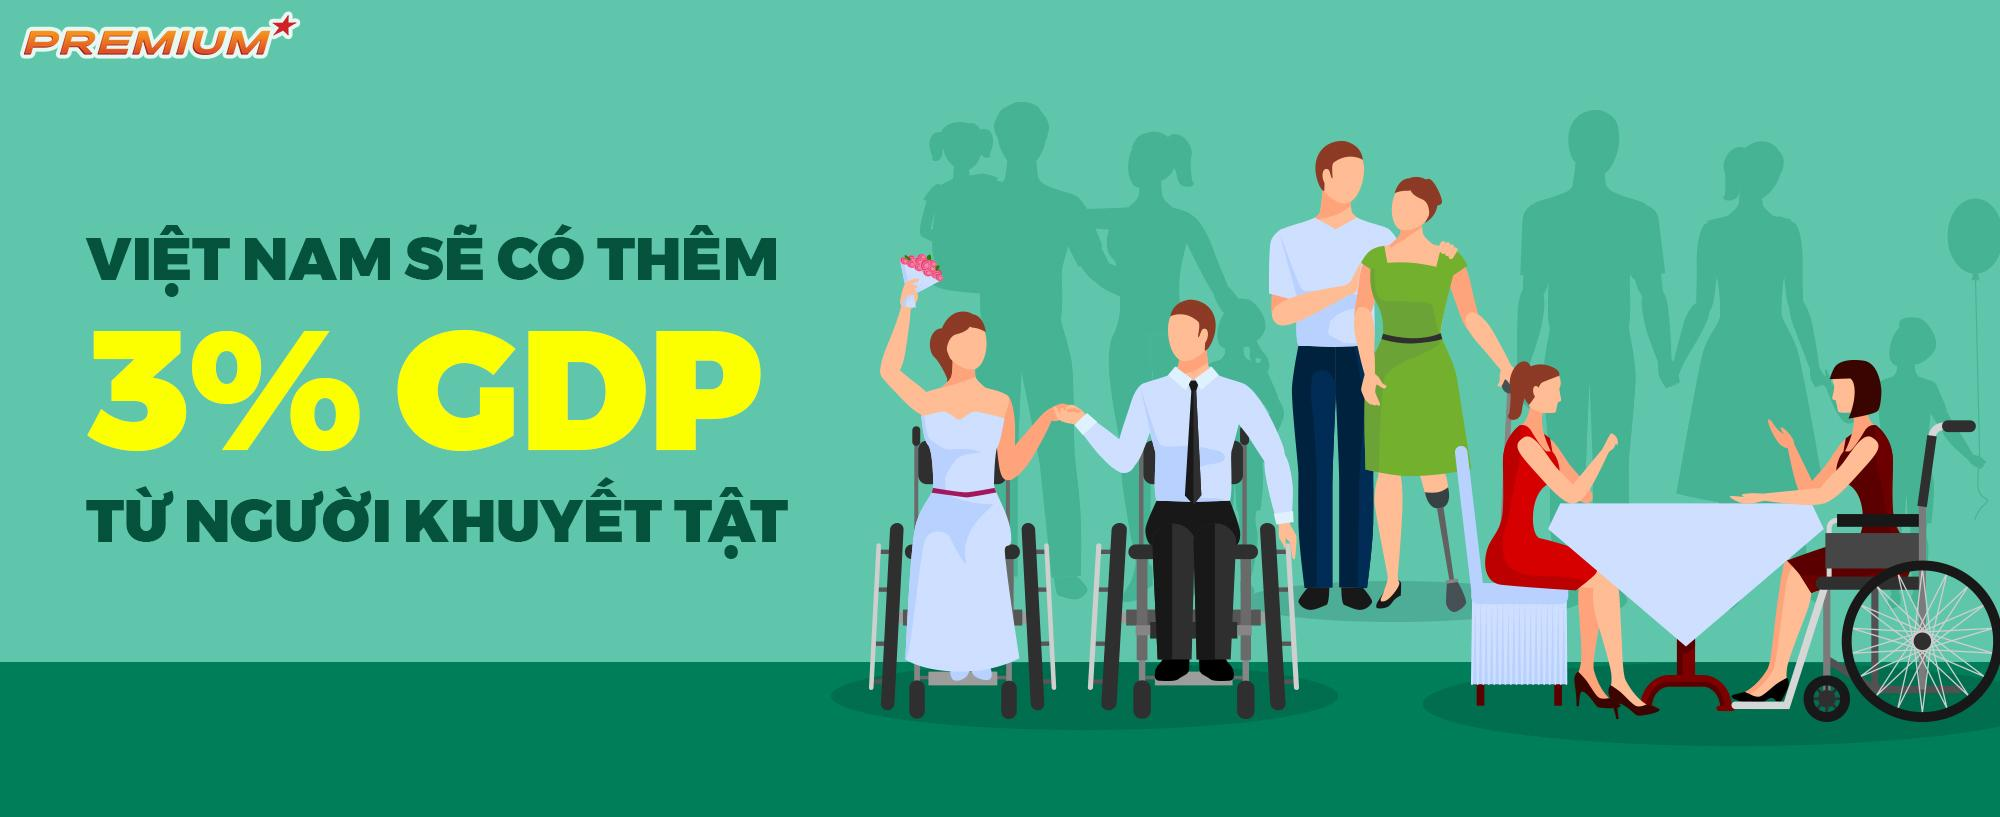 Việt Nam sẽ có thêm 3% GDP từ người khuyết tật